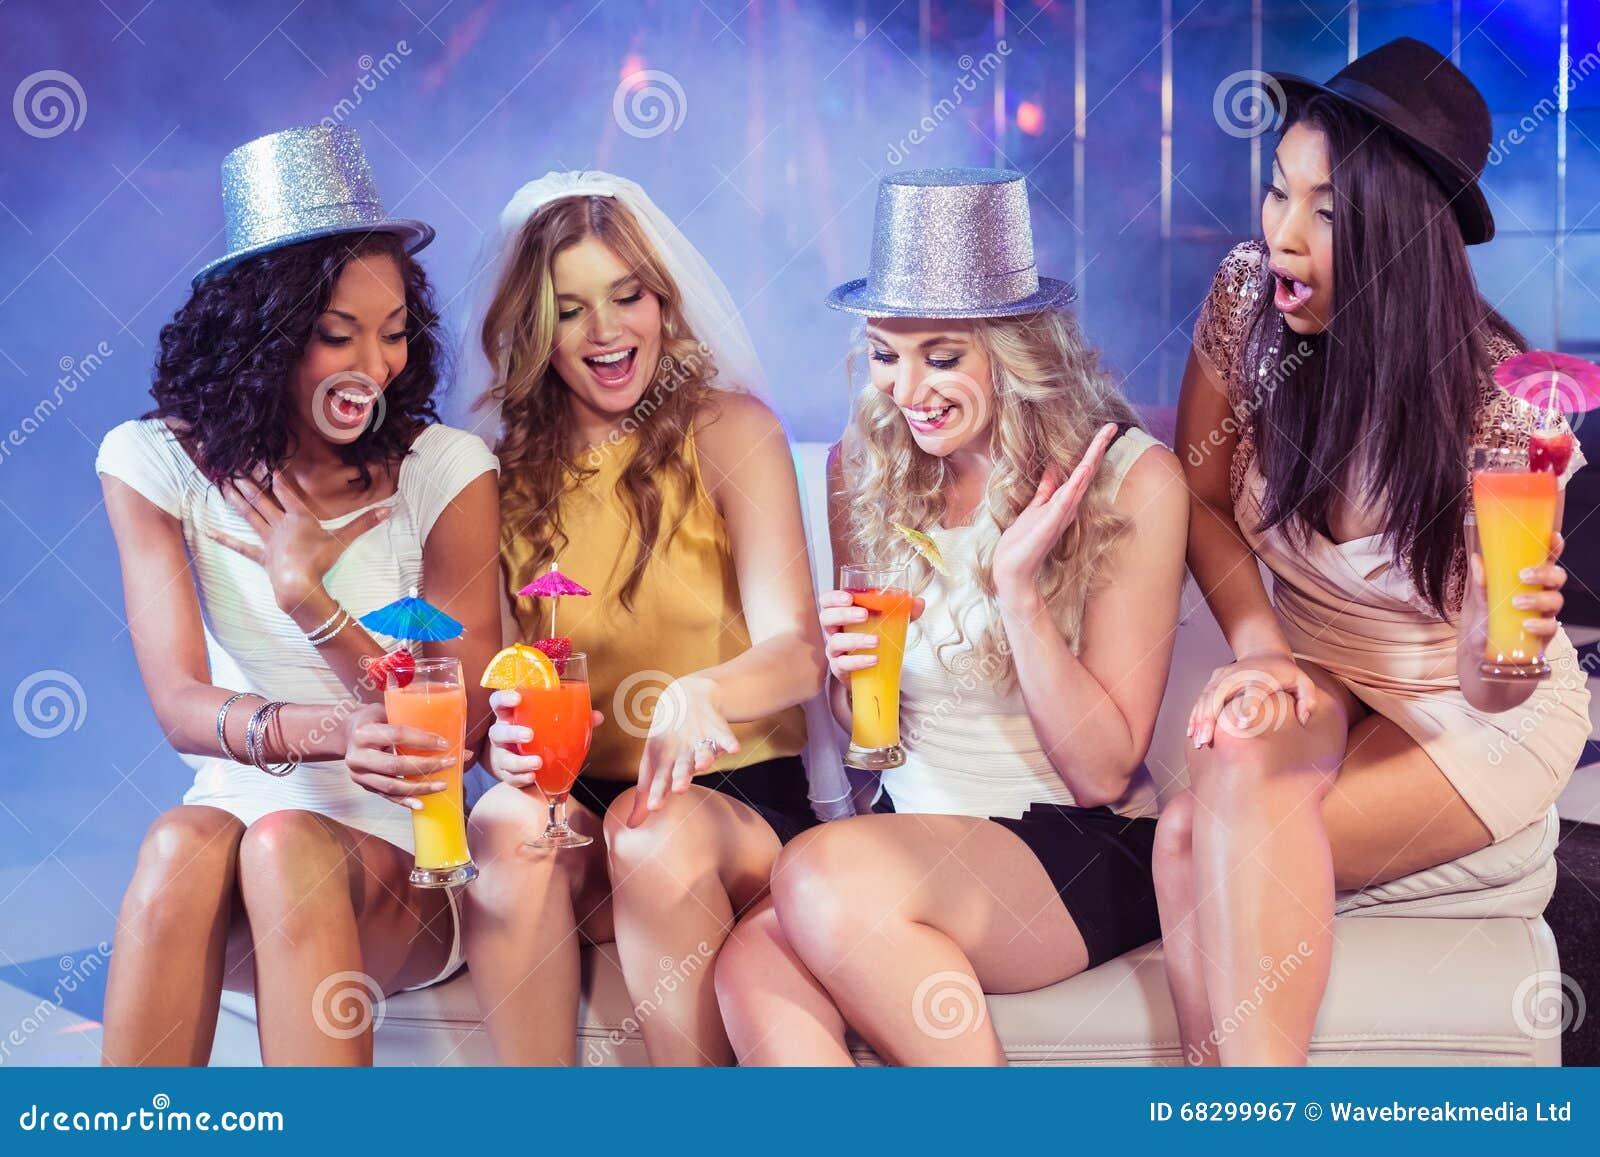 Meisjes Die Vrijgezellinpartij In Een Club Vieren